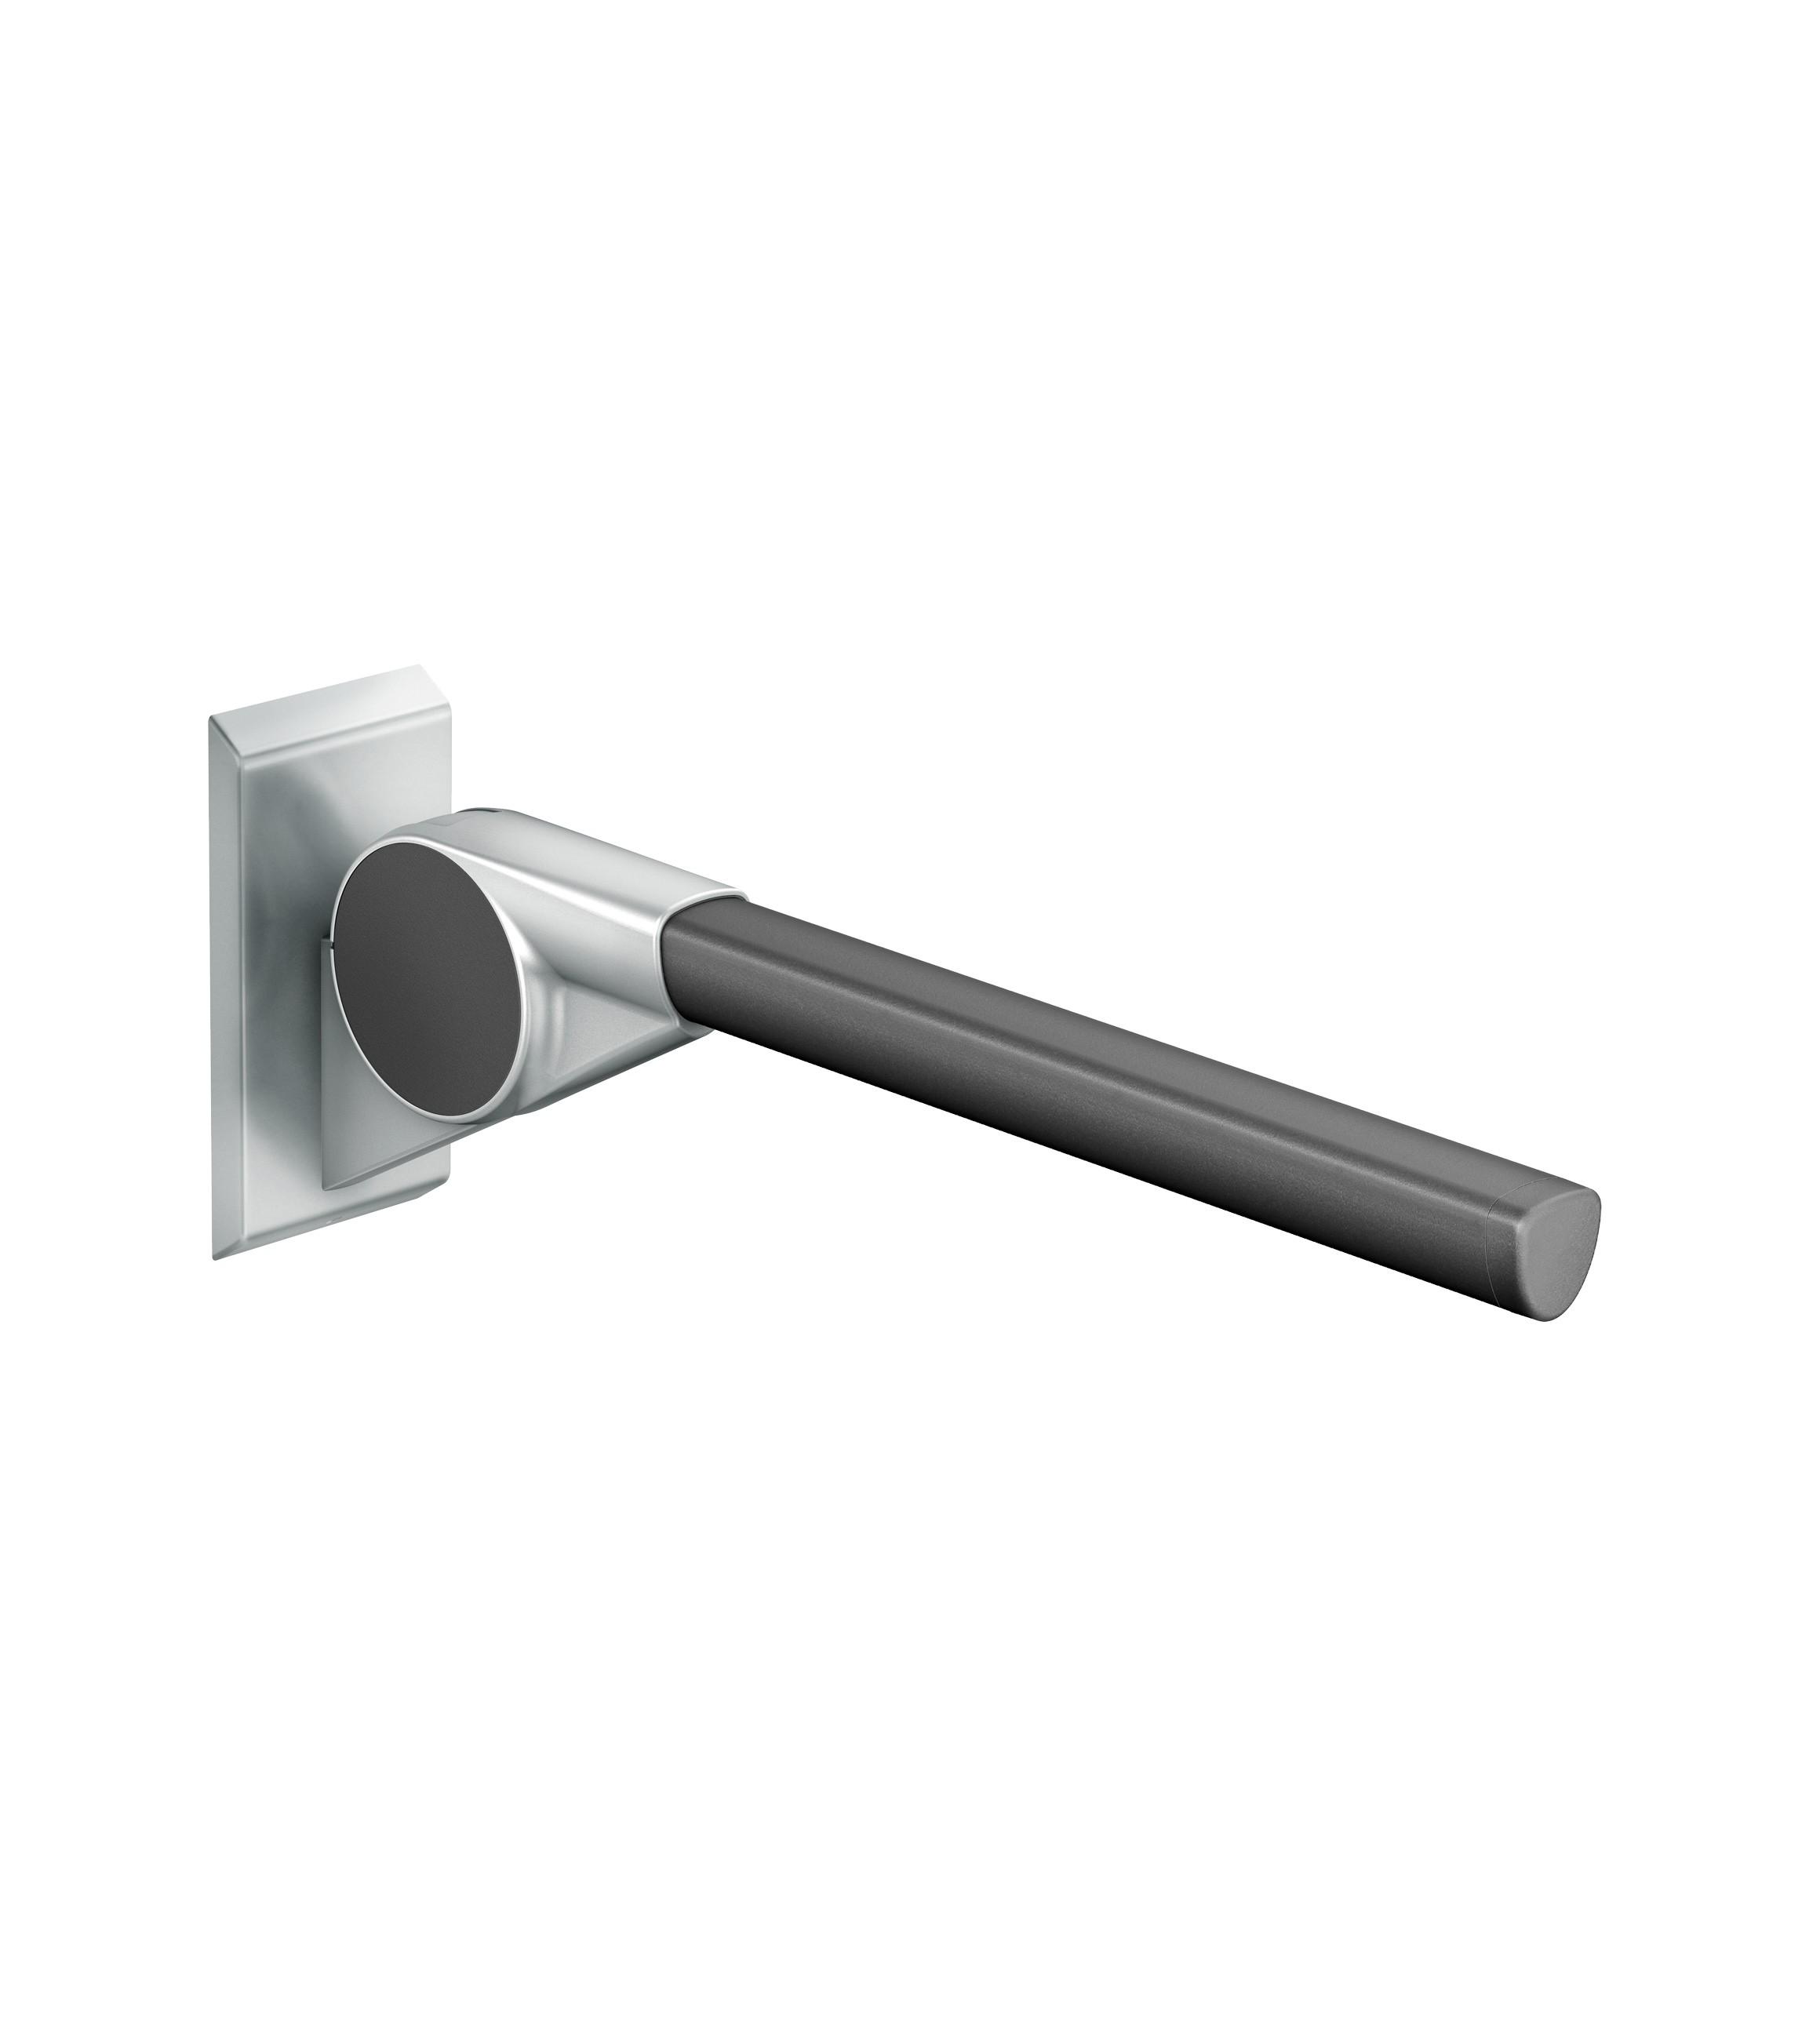 FSB Stützklappgriff 600 mm Ergo A100 Stützen Aluminiumgrau metallinksc Stange Anemonenweiß (0 82 8420 00060 8223)